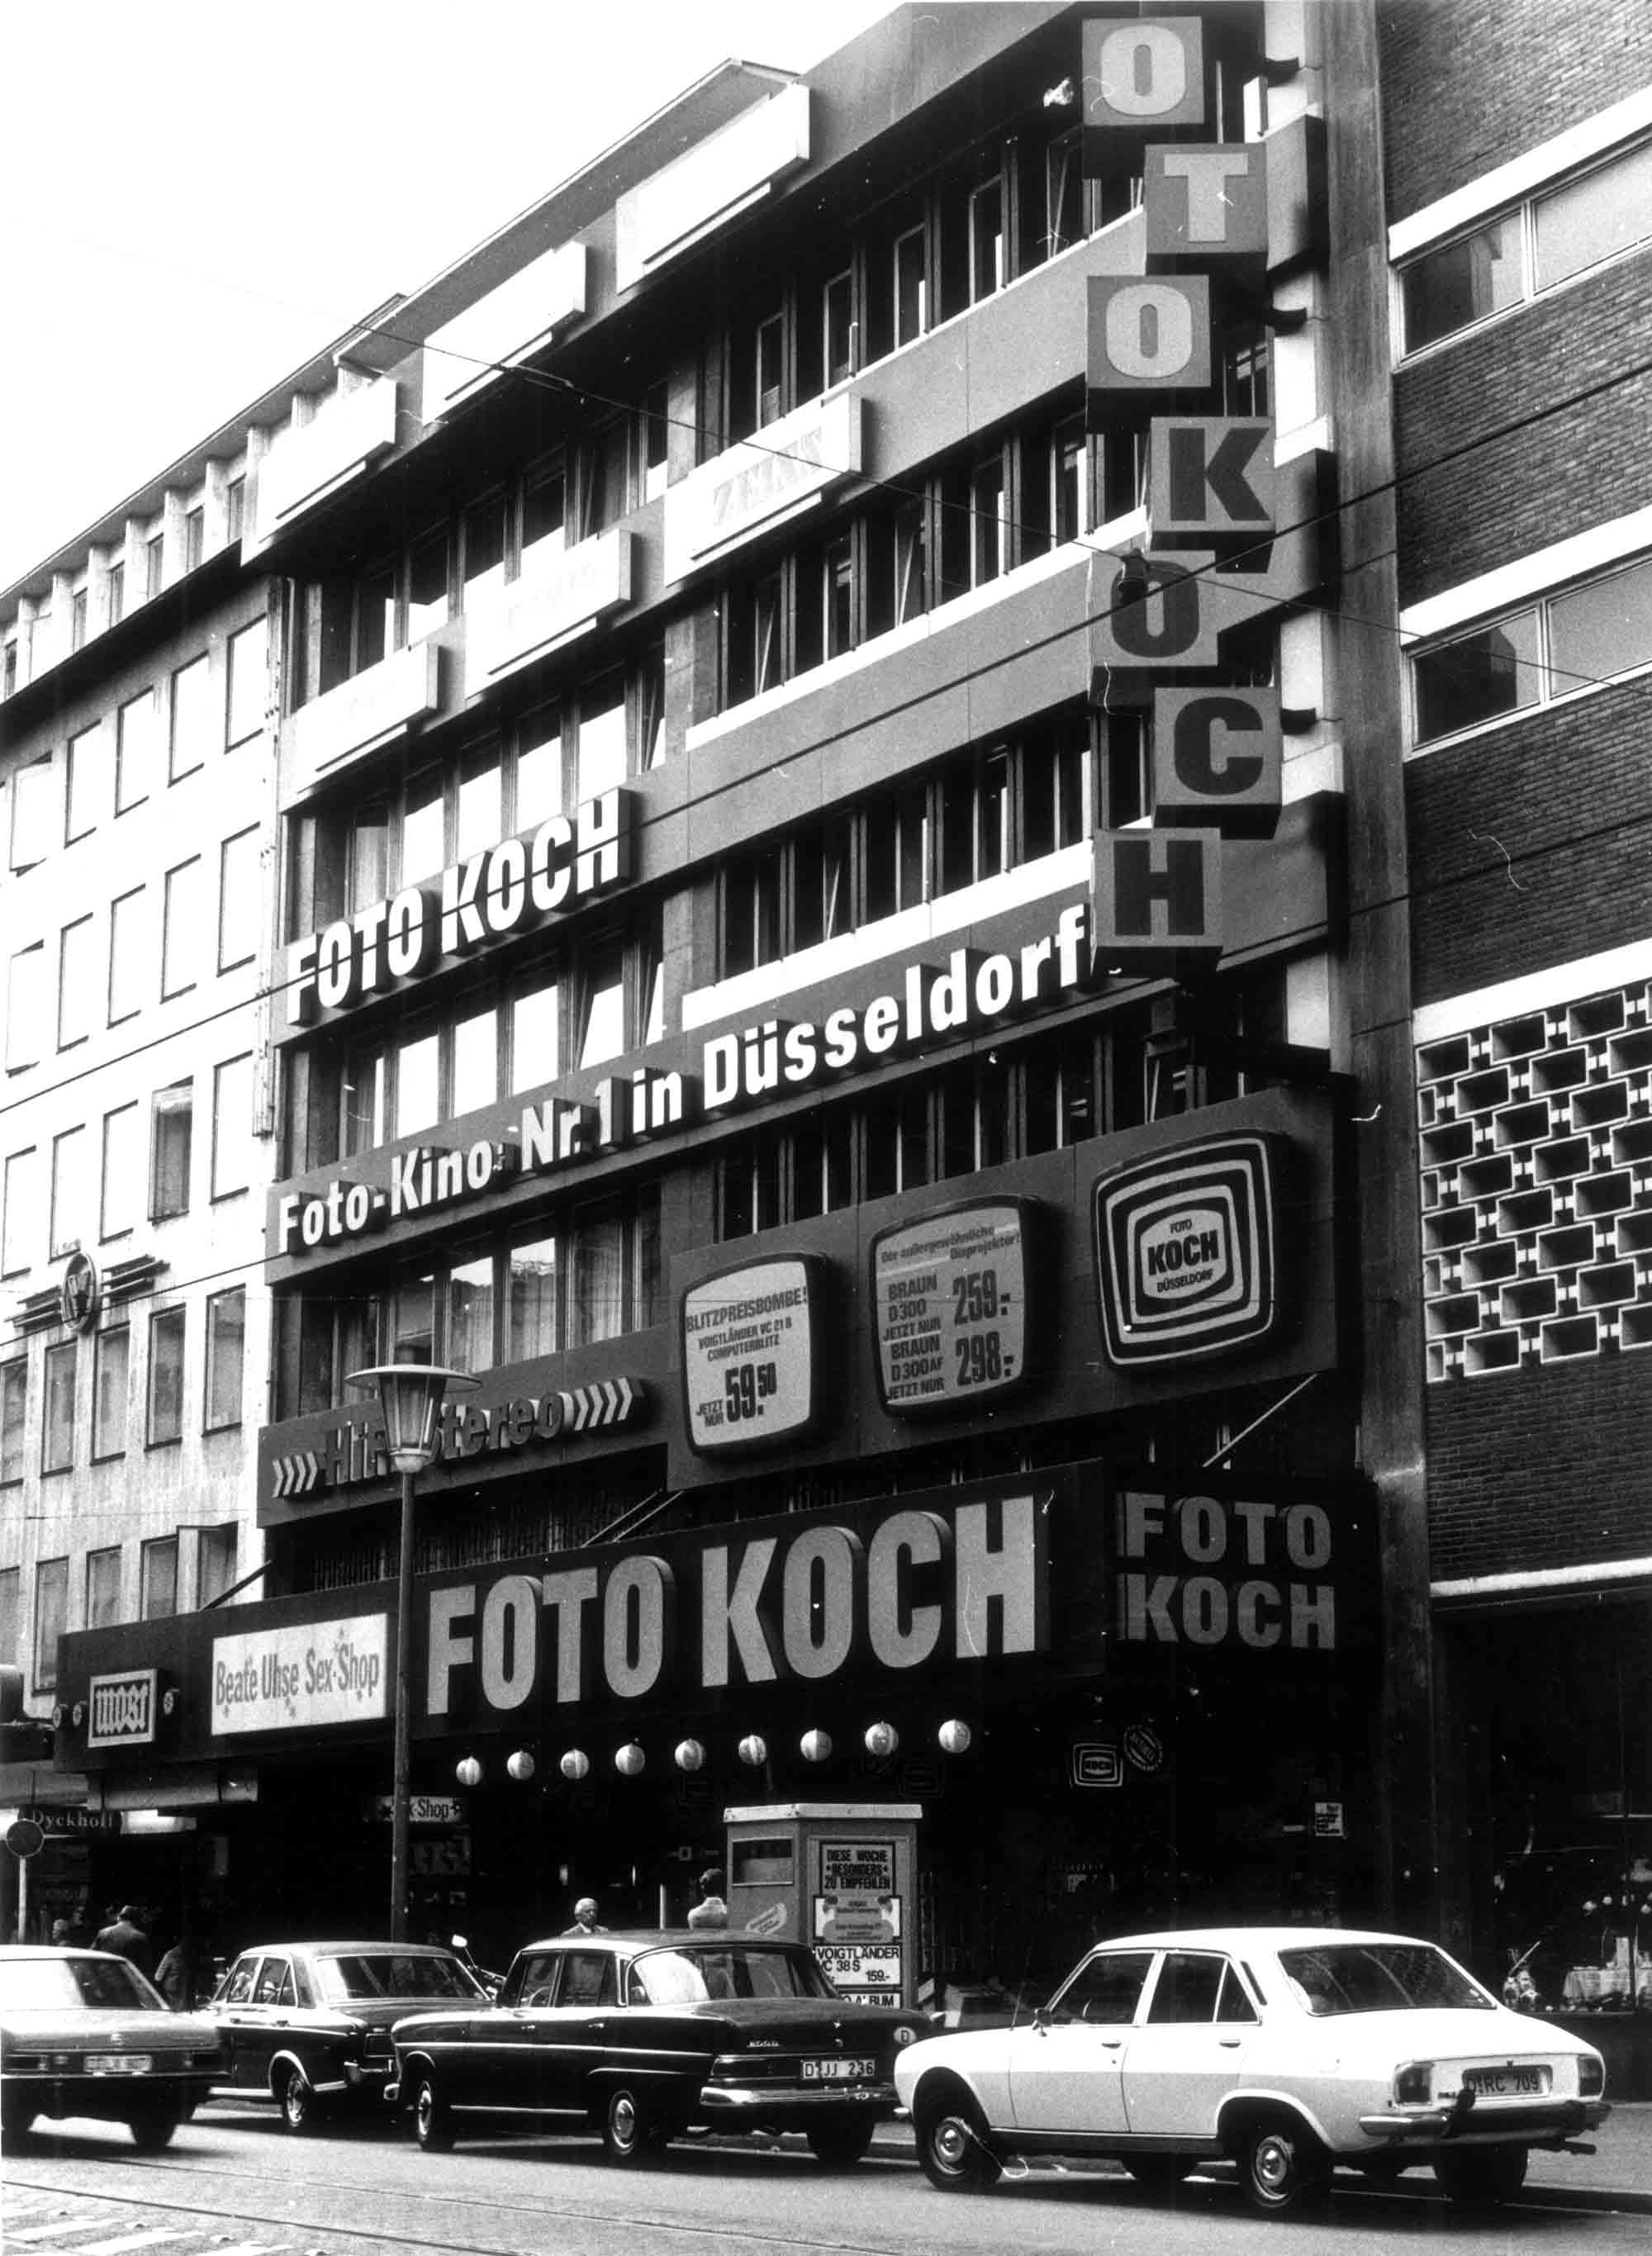 foto koch 1973